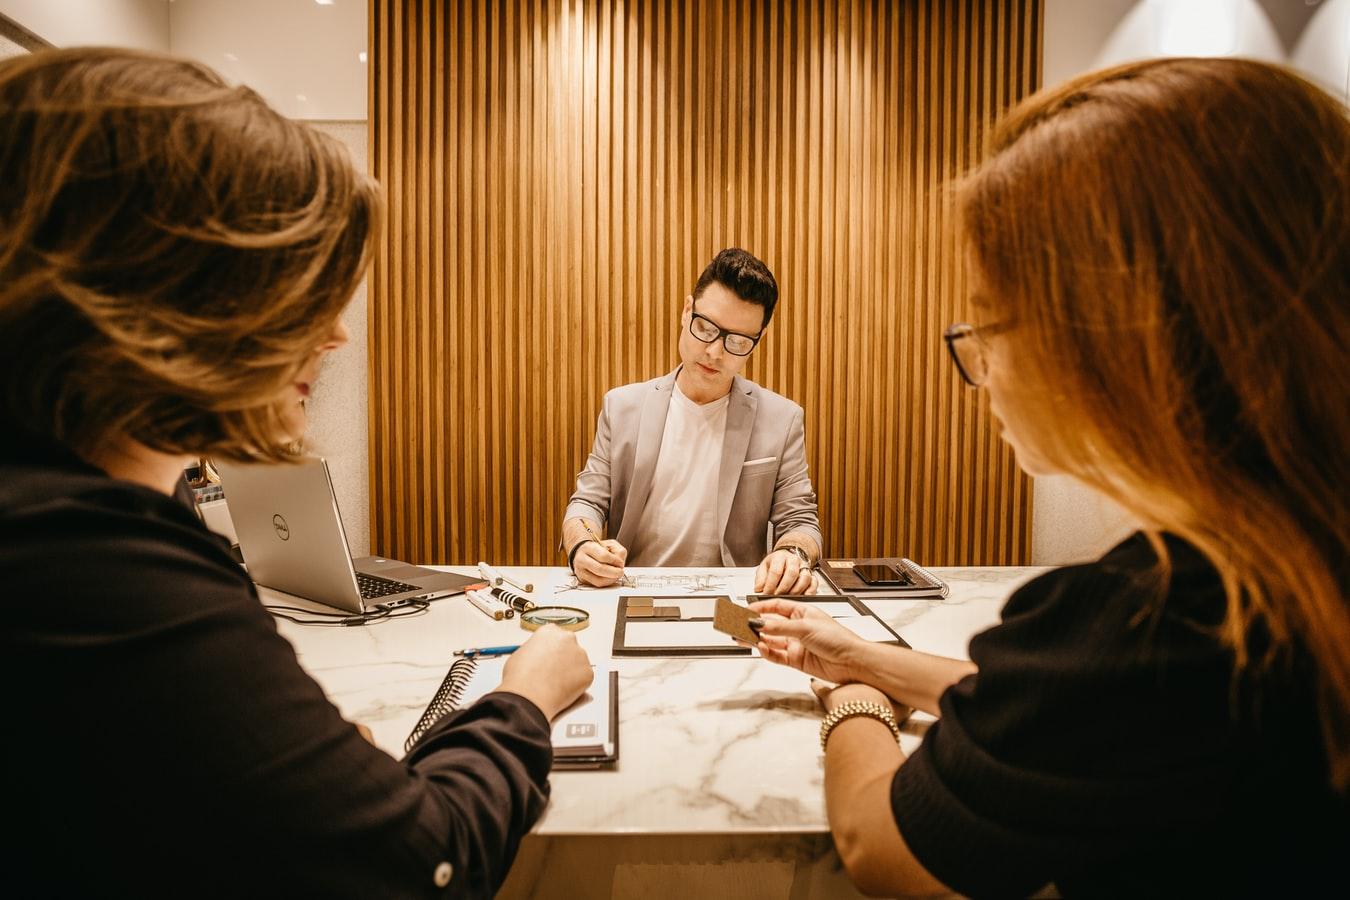 Rynek pracownika – jak zorganizować proces rekrutacji?